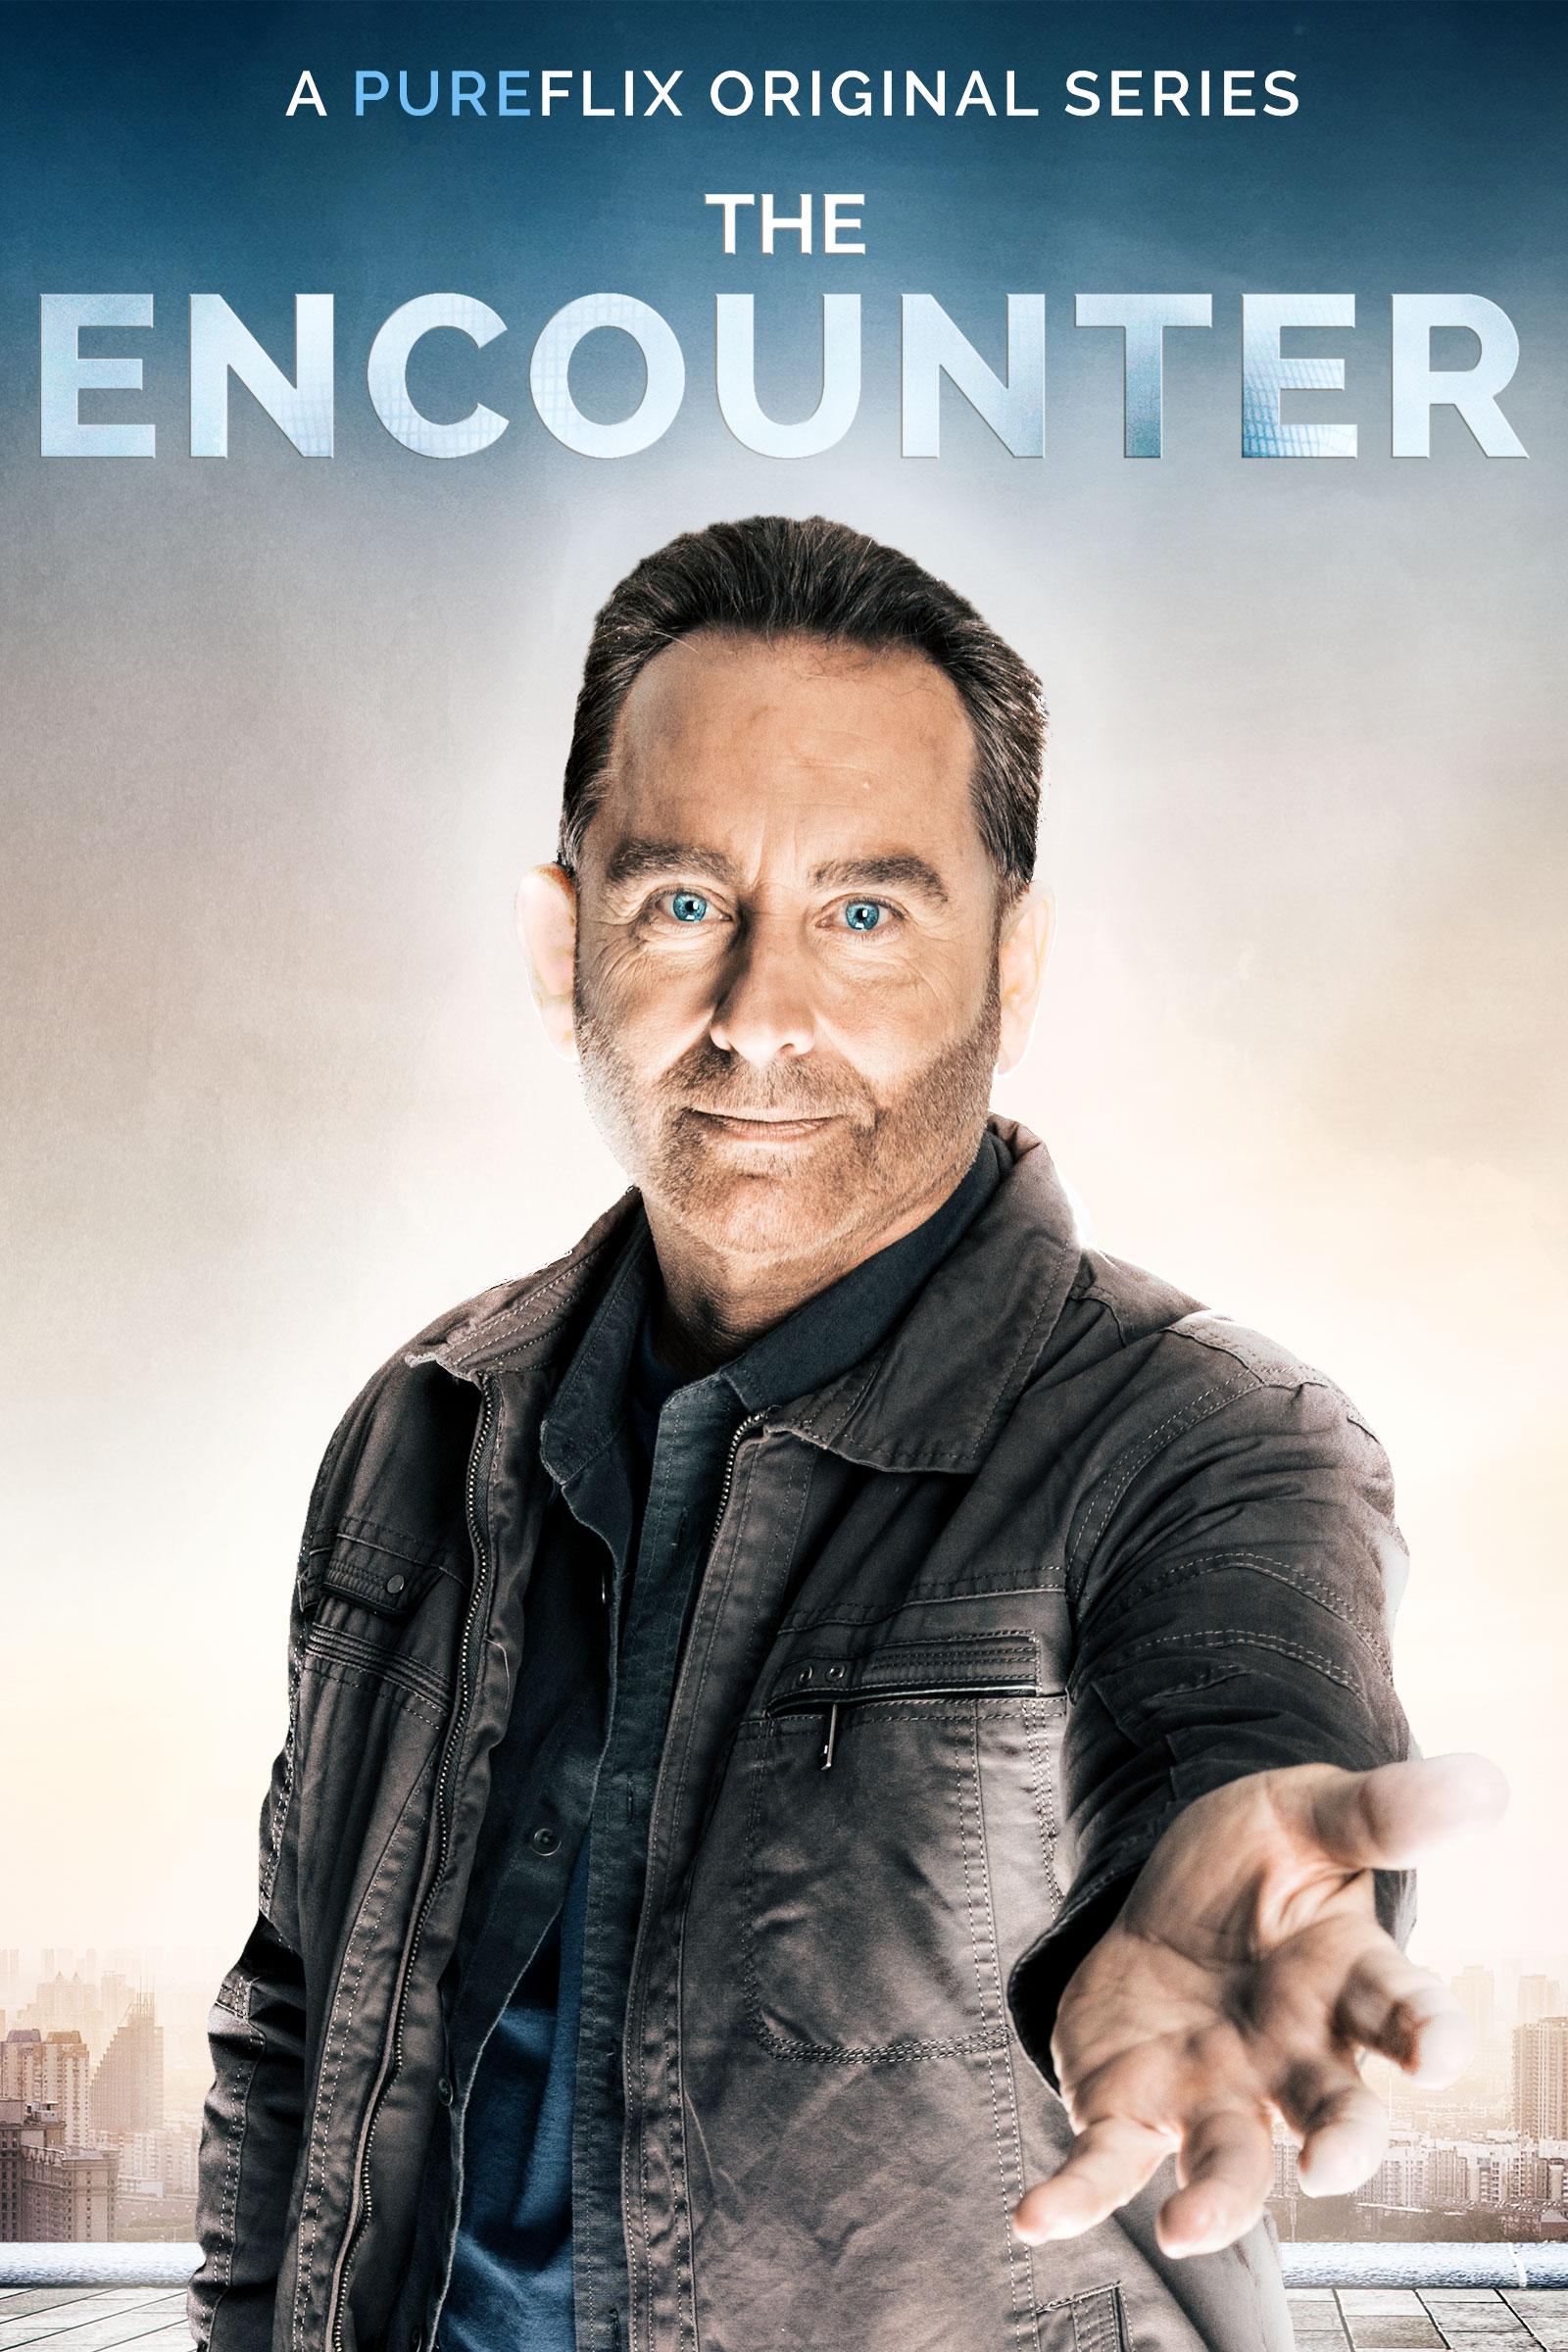 the encounter (2019)